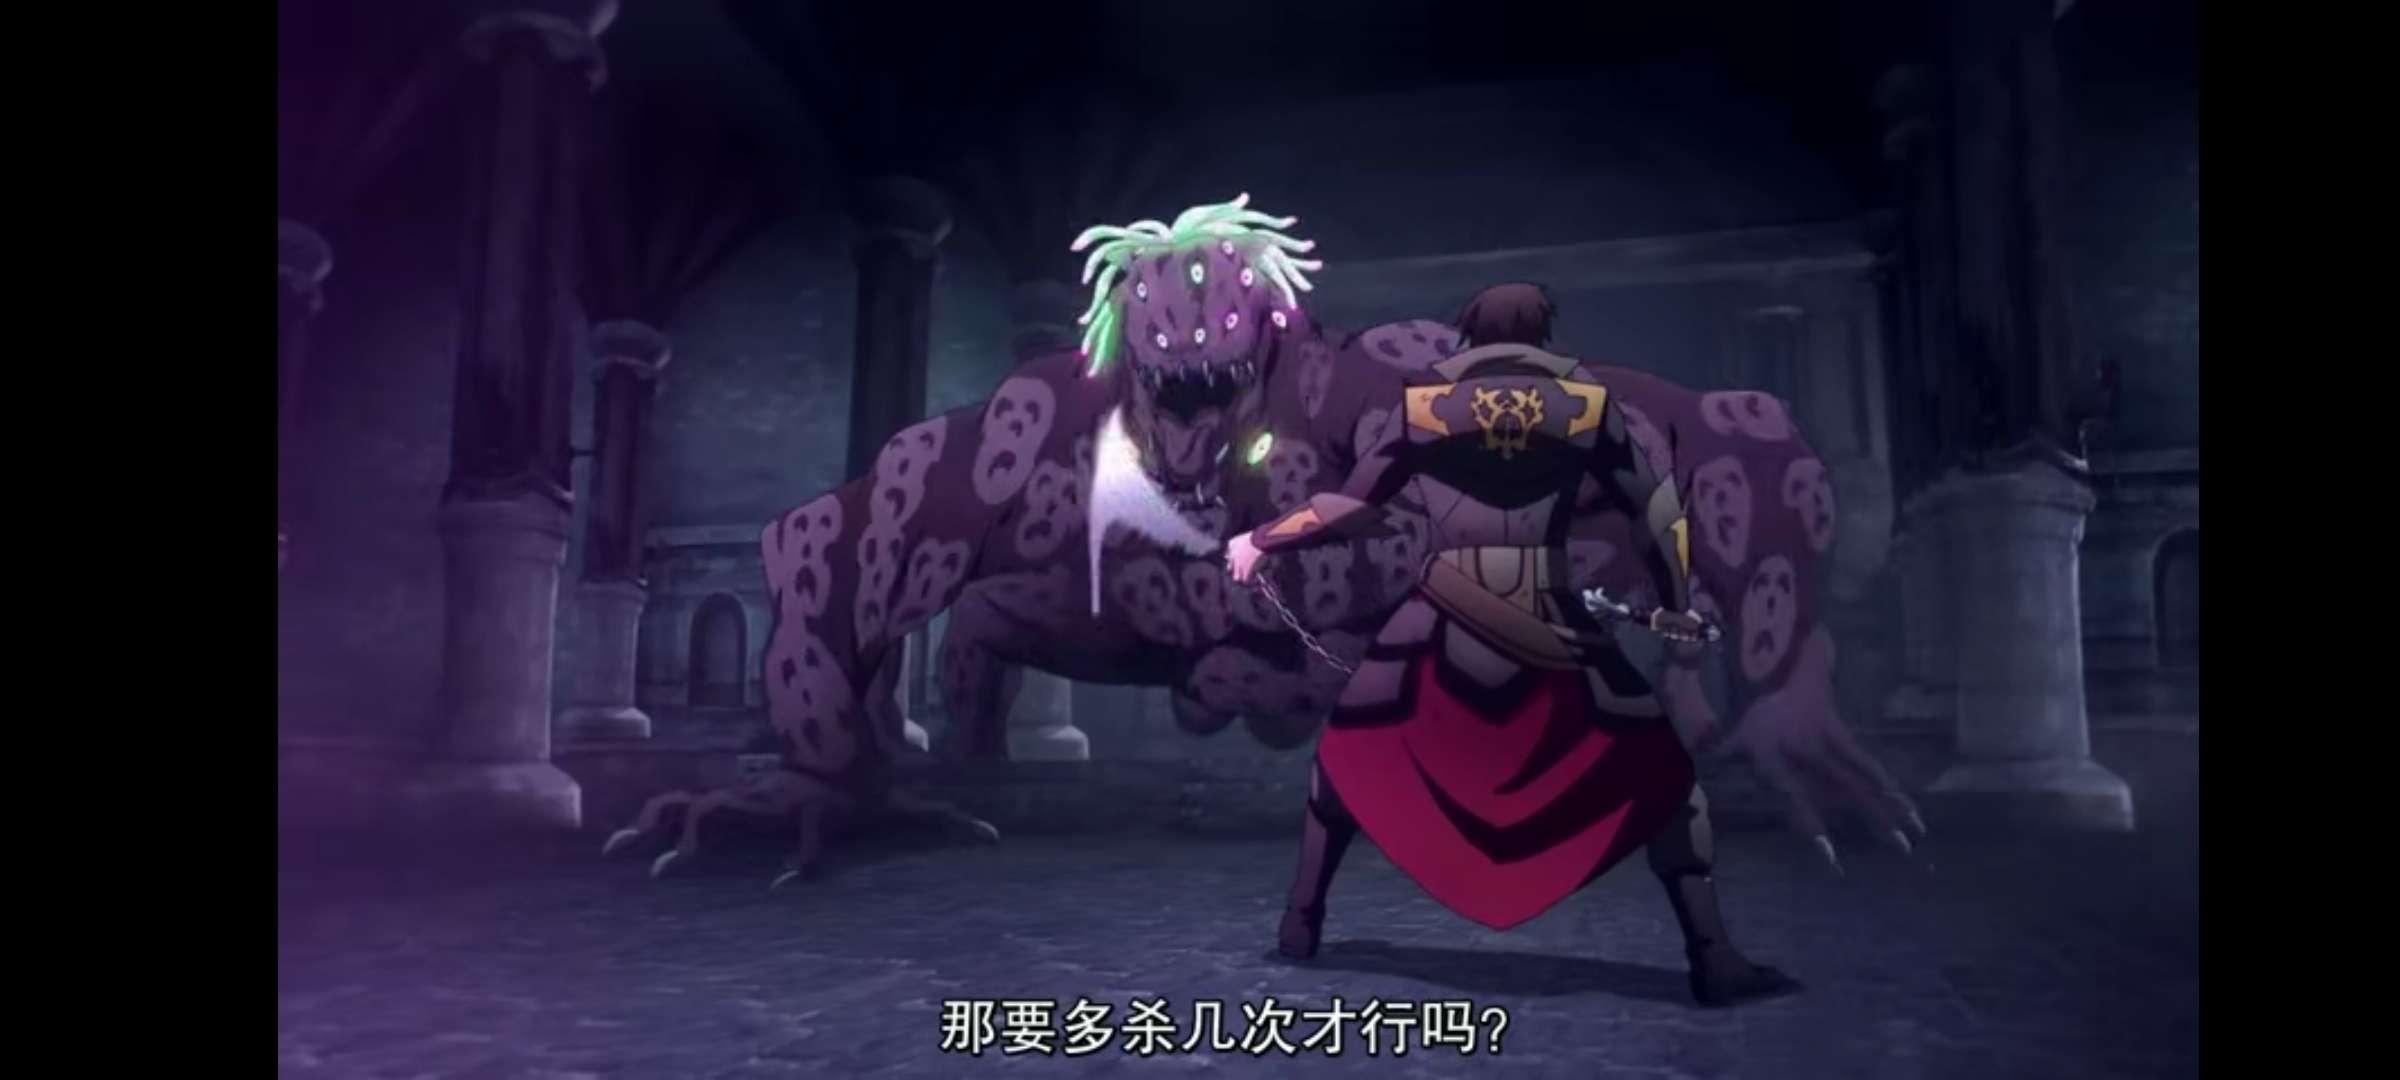 【动漫推荐】恶魔城传说第三季-小柚妹站